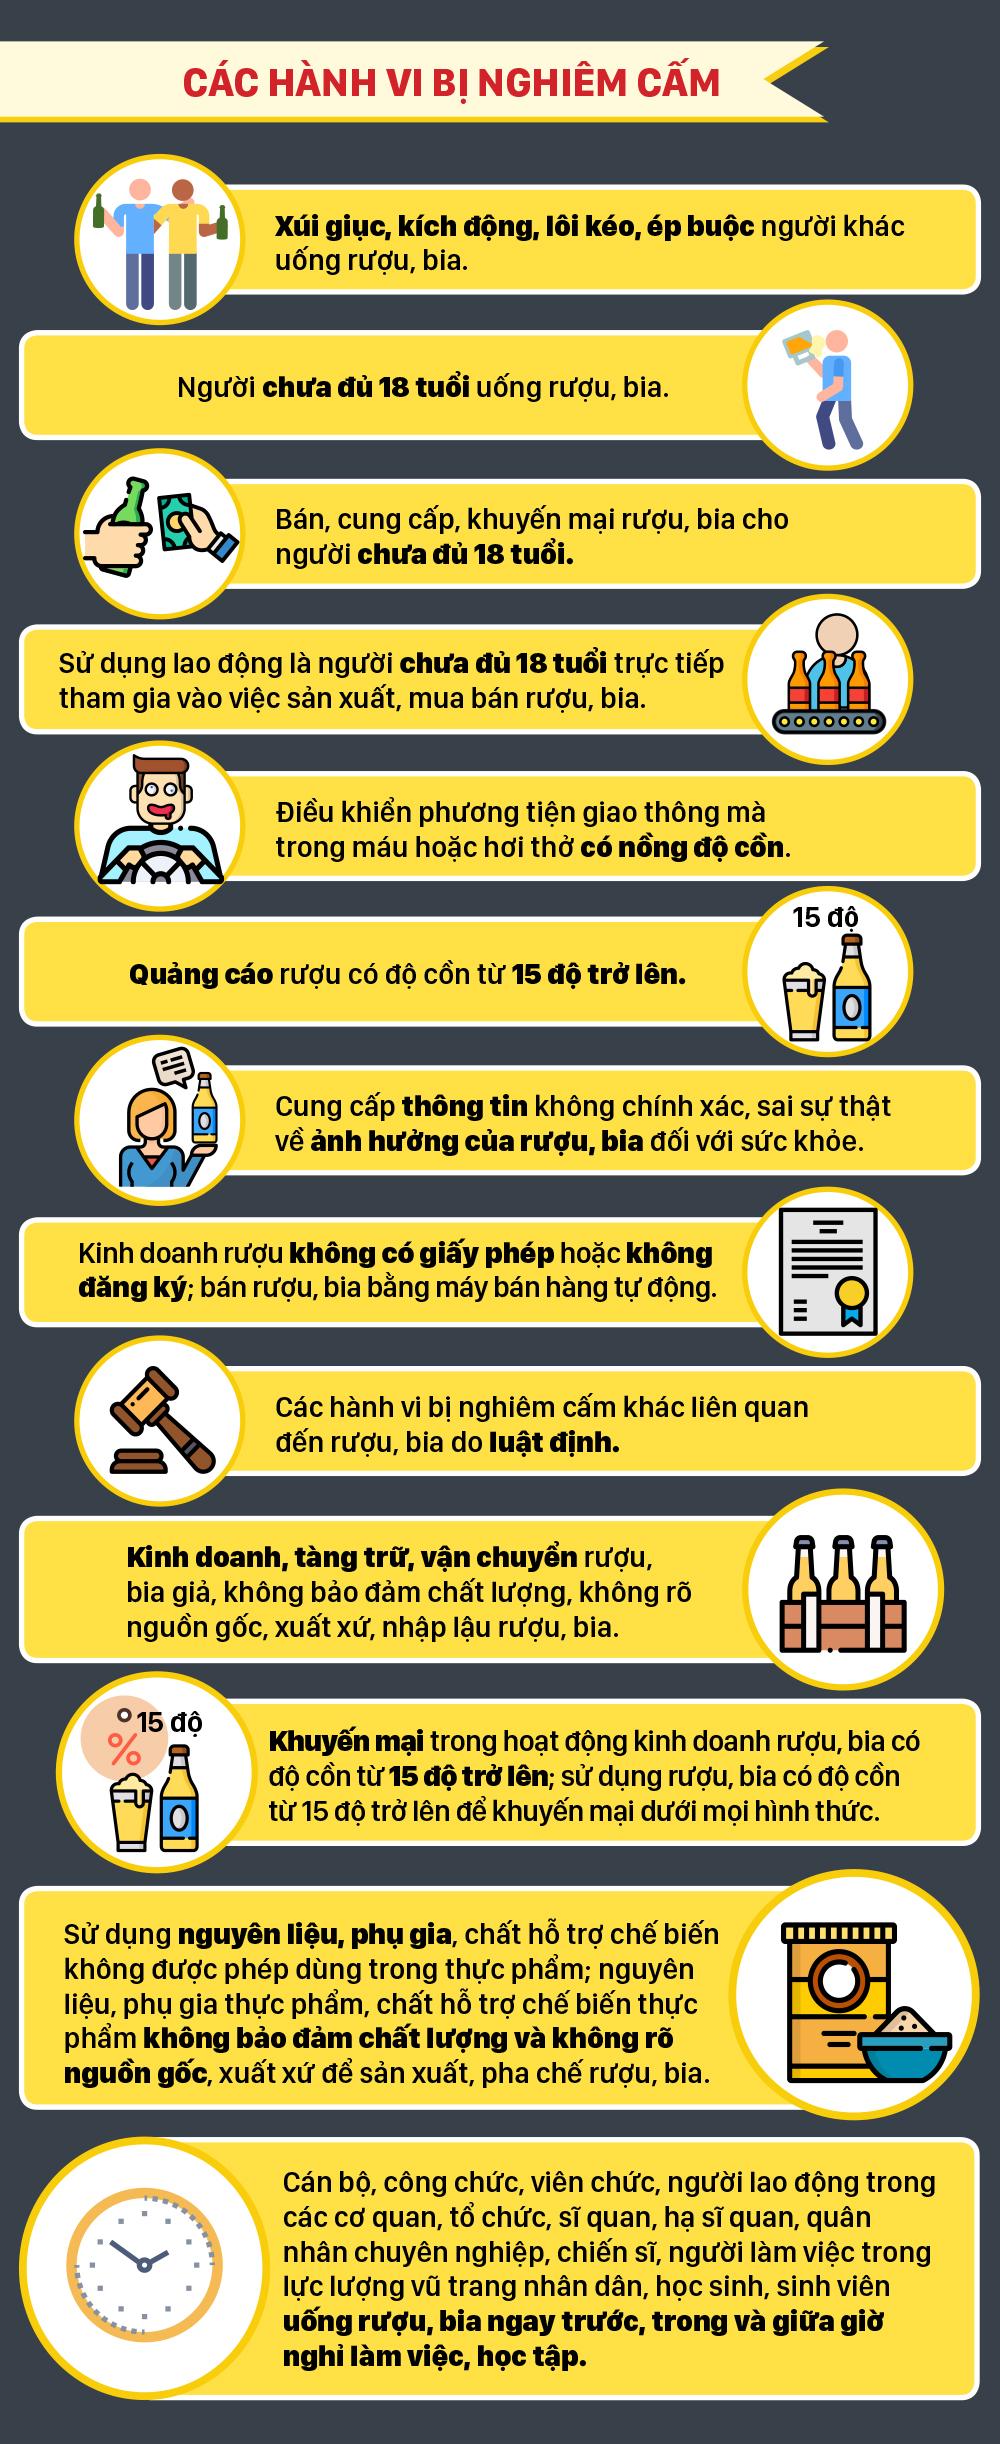 Luật Phòng, chống tác hại của rượu, bia có hiệu lực từ 1-1-2020 ảnh 2